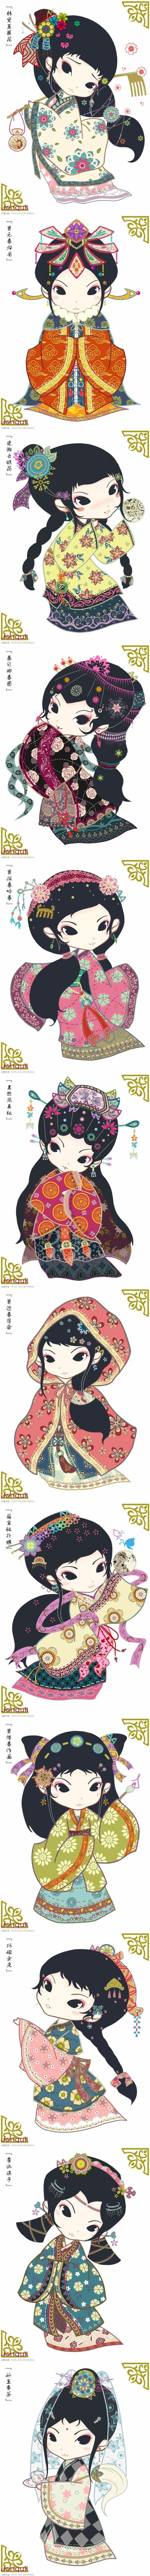 金陵十二钗,How to Draw , Study Resources for Art Students , CAPI ::: Create Art Portfolio Ideas at milliande.com, Art School Portfolio Work ,Whimsical, Cute, Kawaii, Doll, Girls, Japanese, Kimono